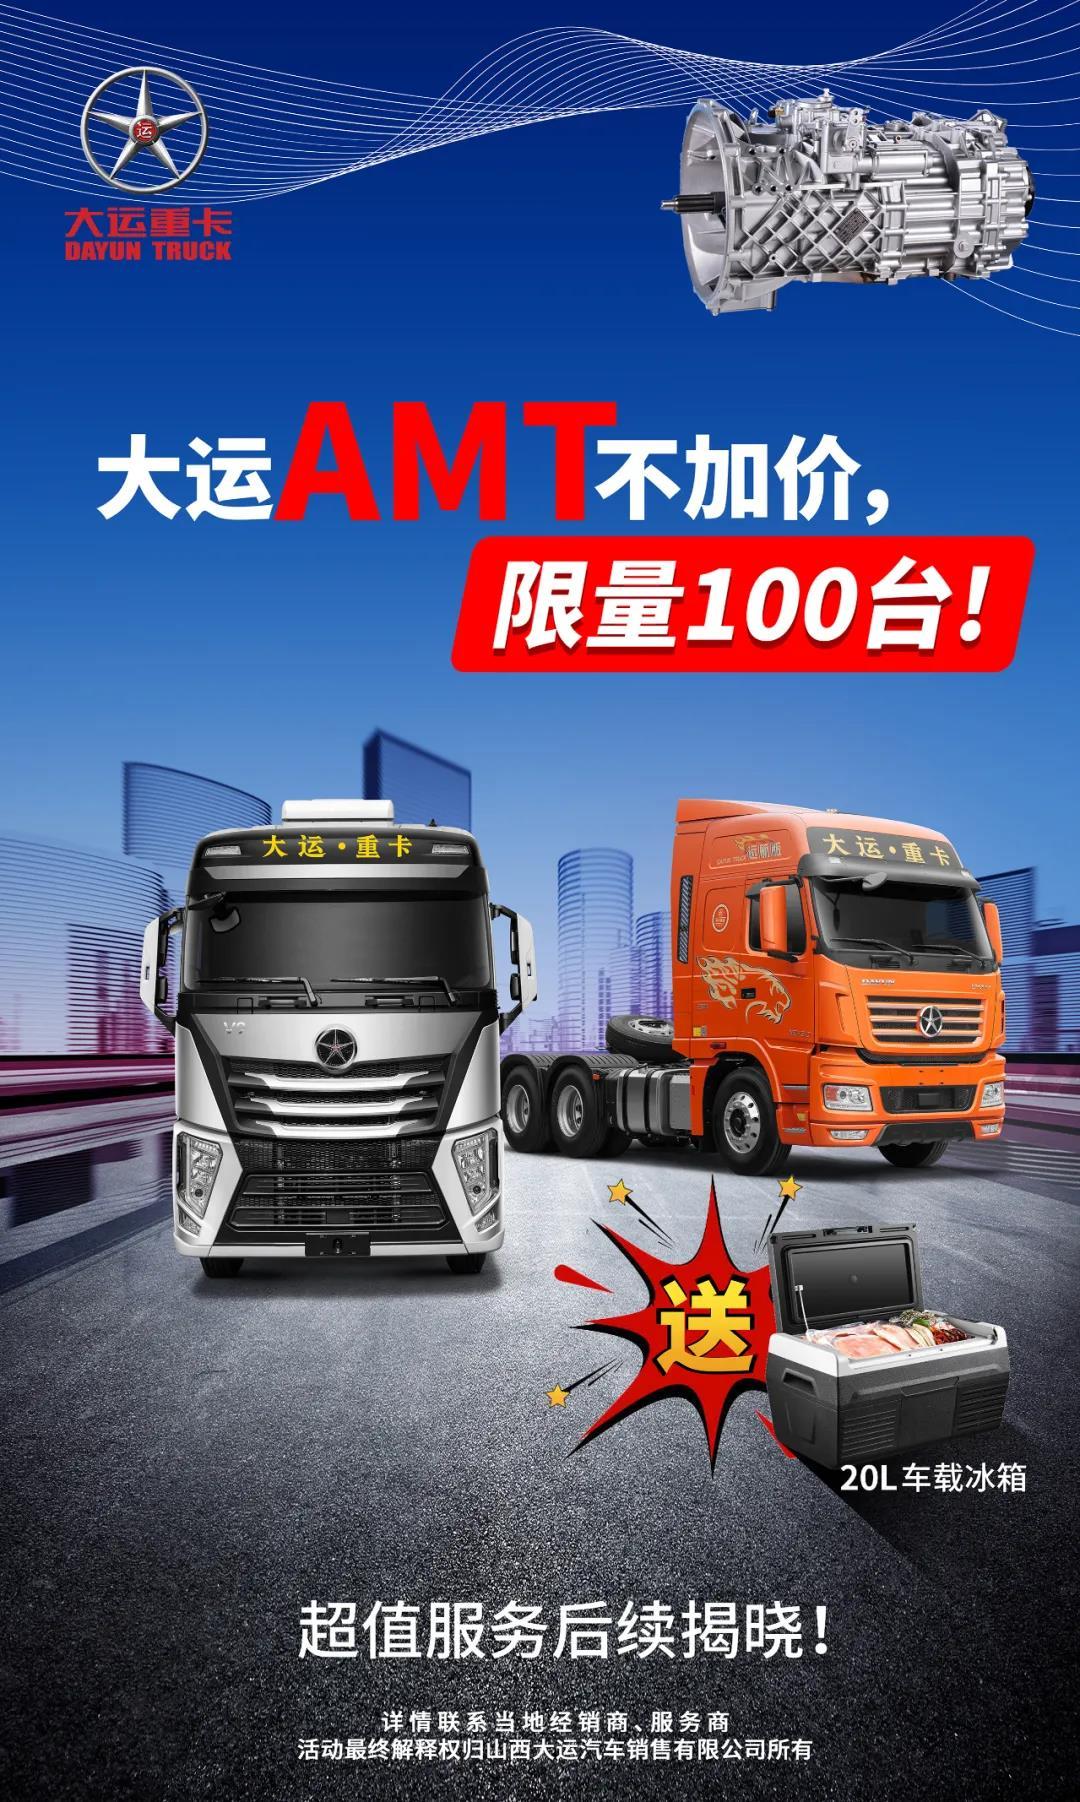 大运AMT不加价,送20L车载冰箱